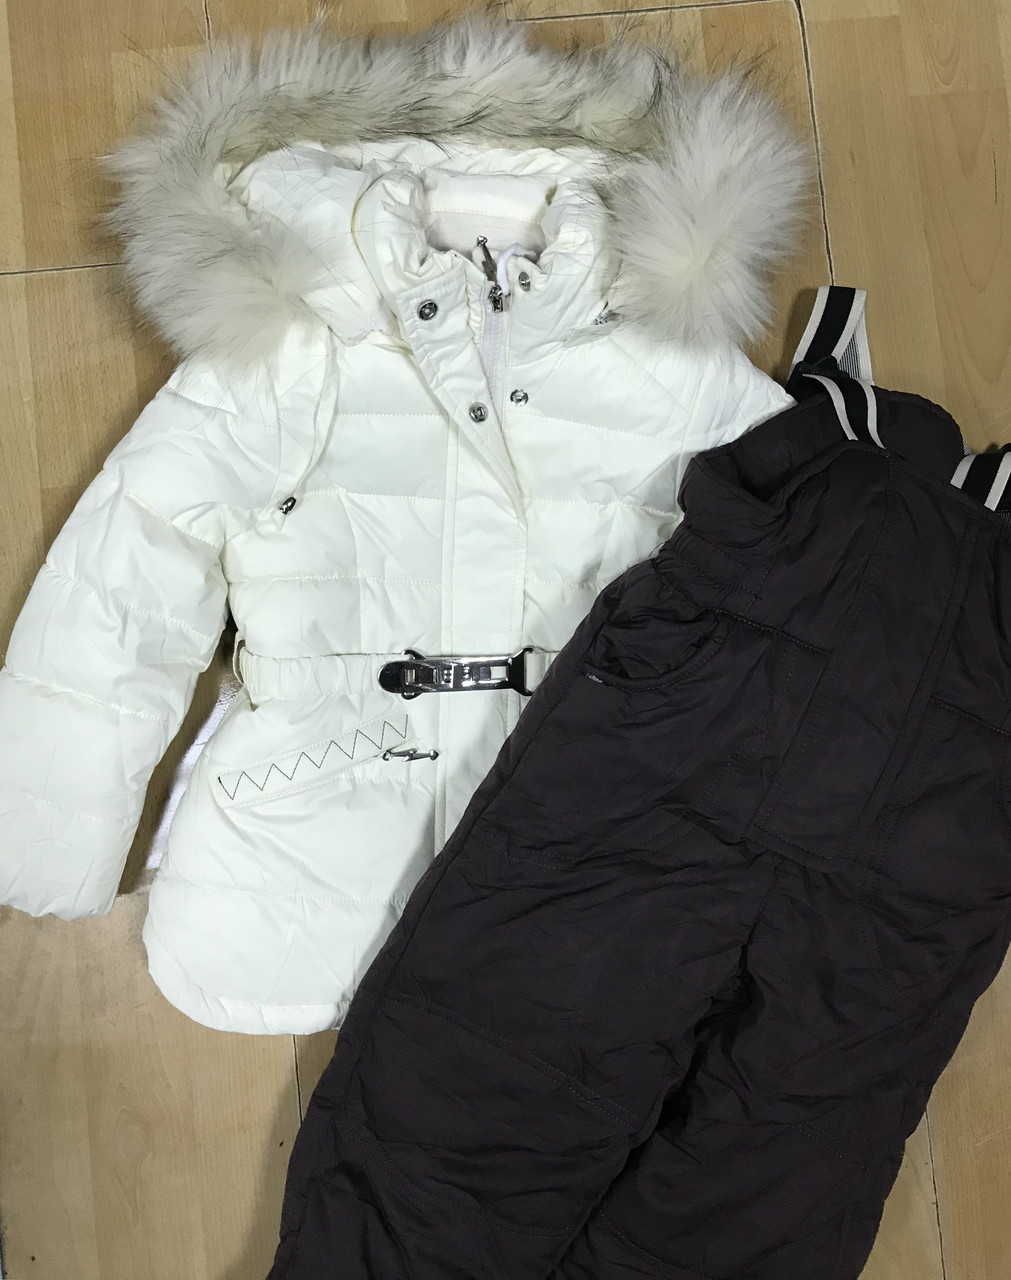 b810b973f8d434 Зимовий комбінезон для дівчинки - Одяг і взуття для дітей і підлітків в  Львове